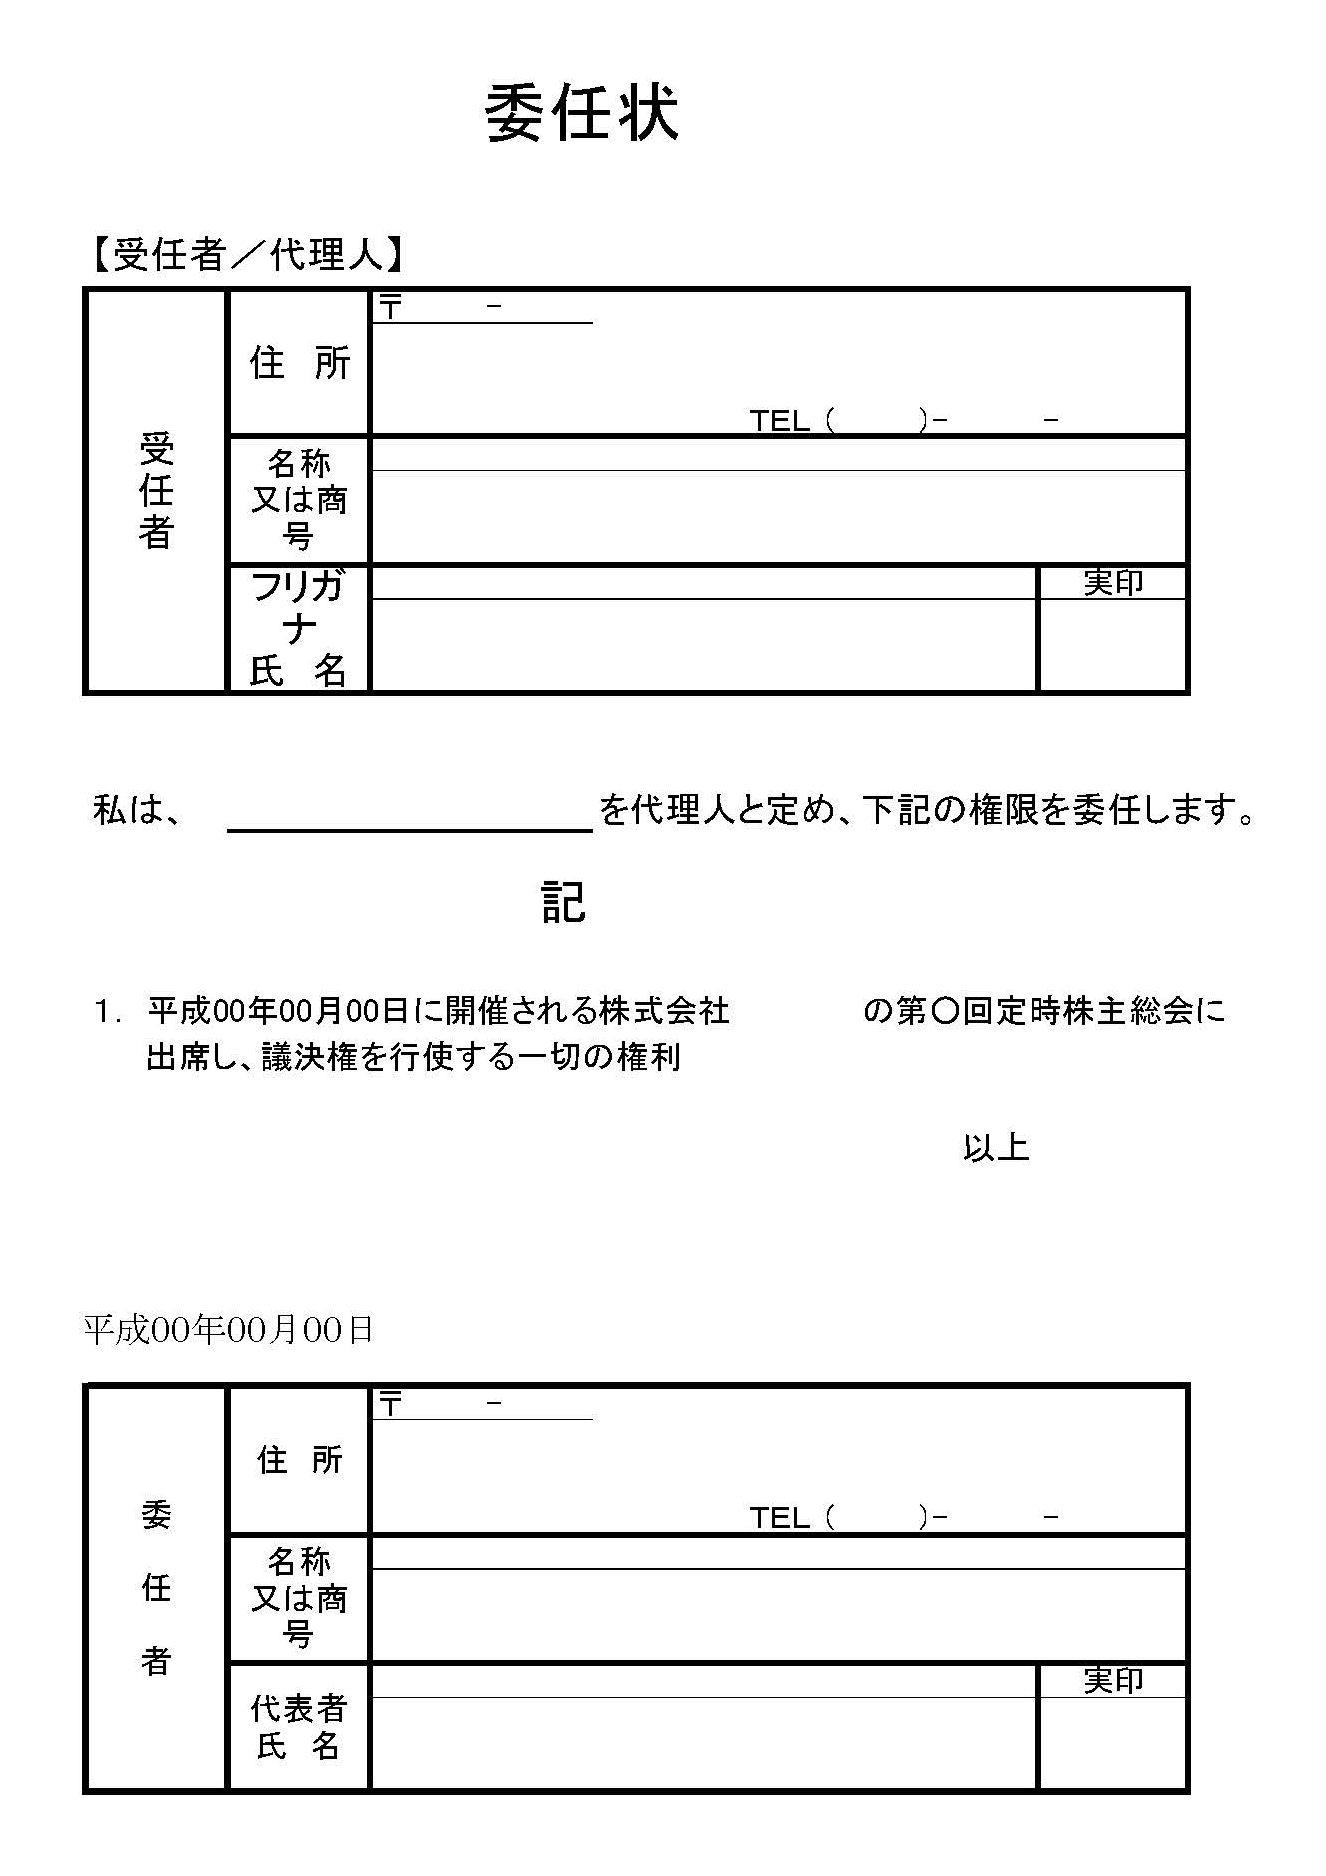 会員登録不要で無料でダウンロードできる委任状(議決権代理行使)2のテンプレート書式